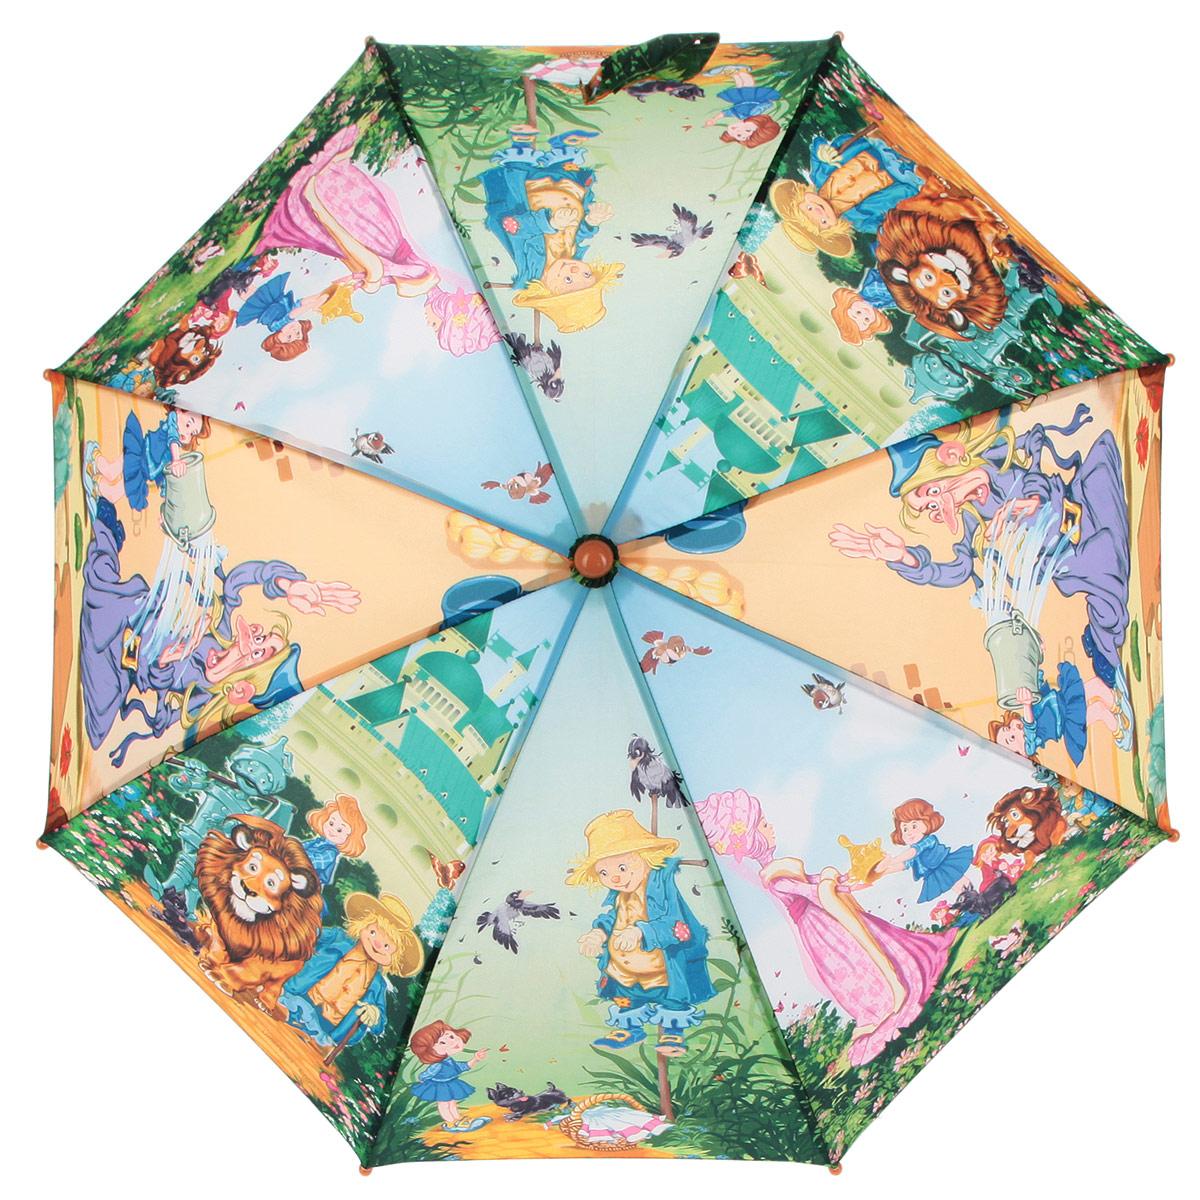 Зонт-трость детский Zest, цвет: зеленый, голубой, мультицвет. 21565-02 zest зонт для раскрашивания детский